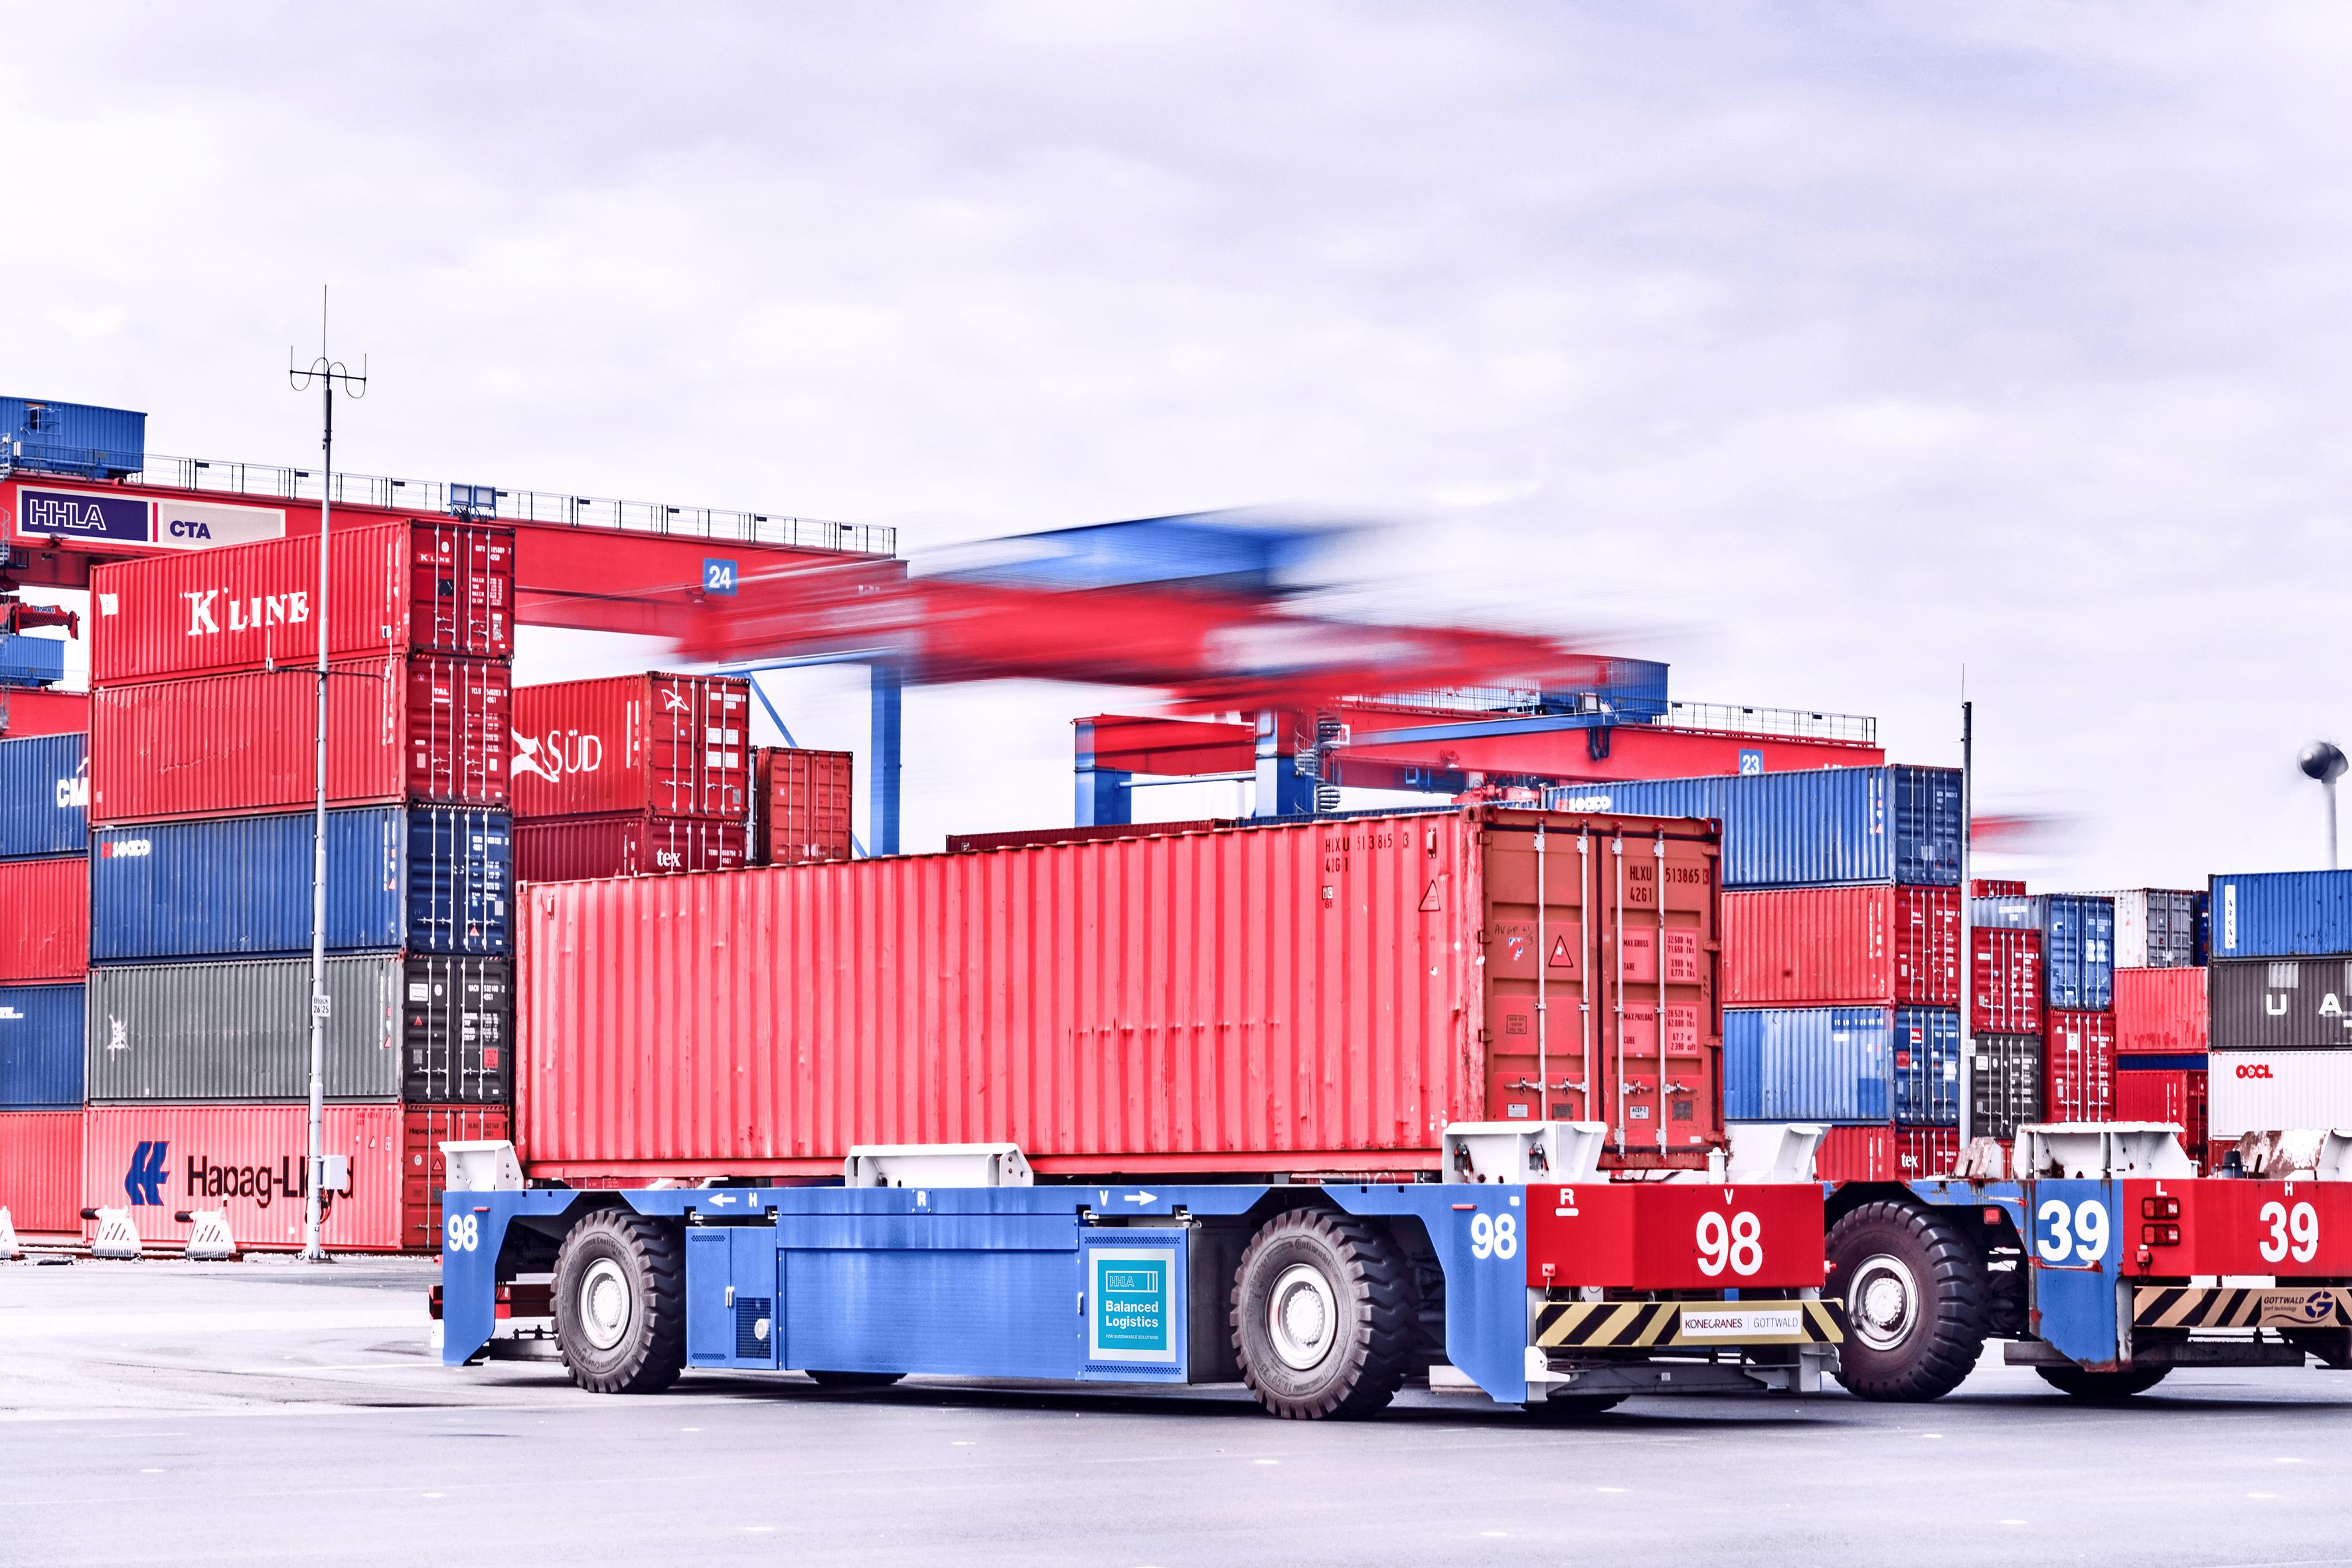 hhla_balanced_logistics_cta